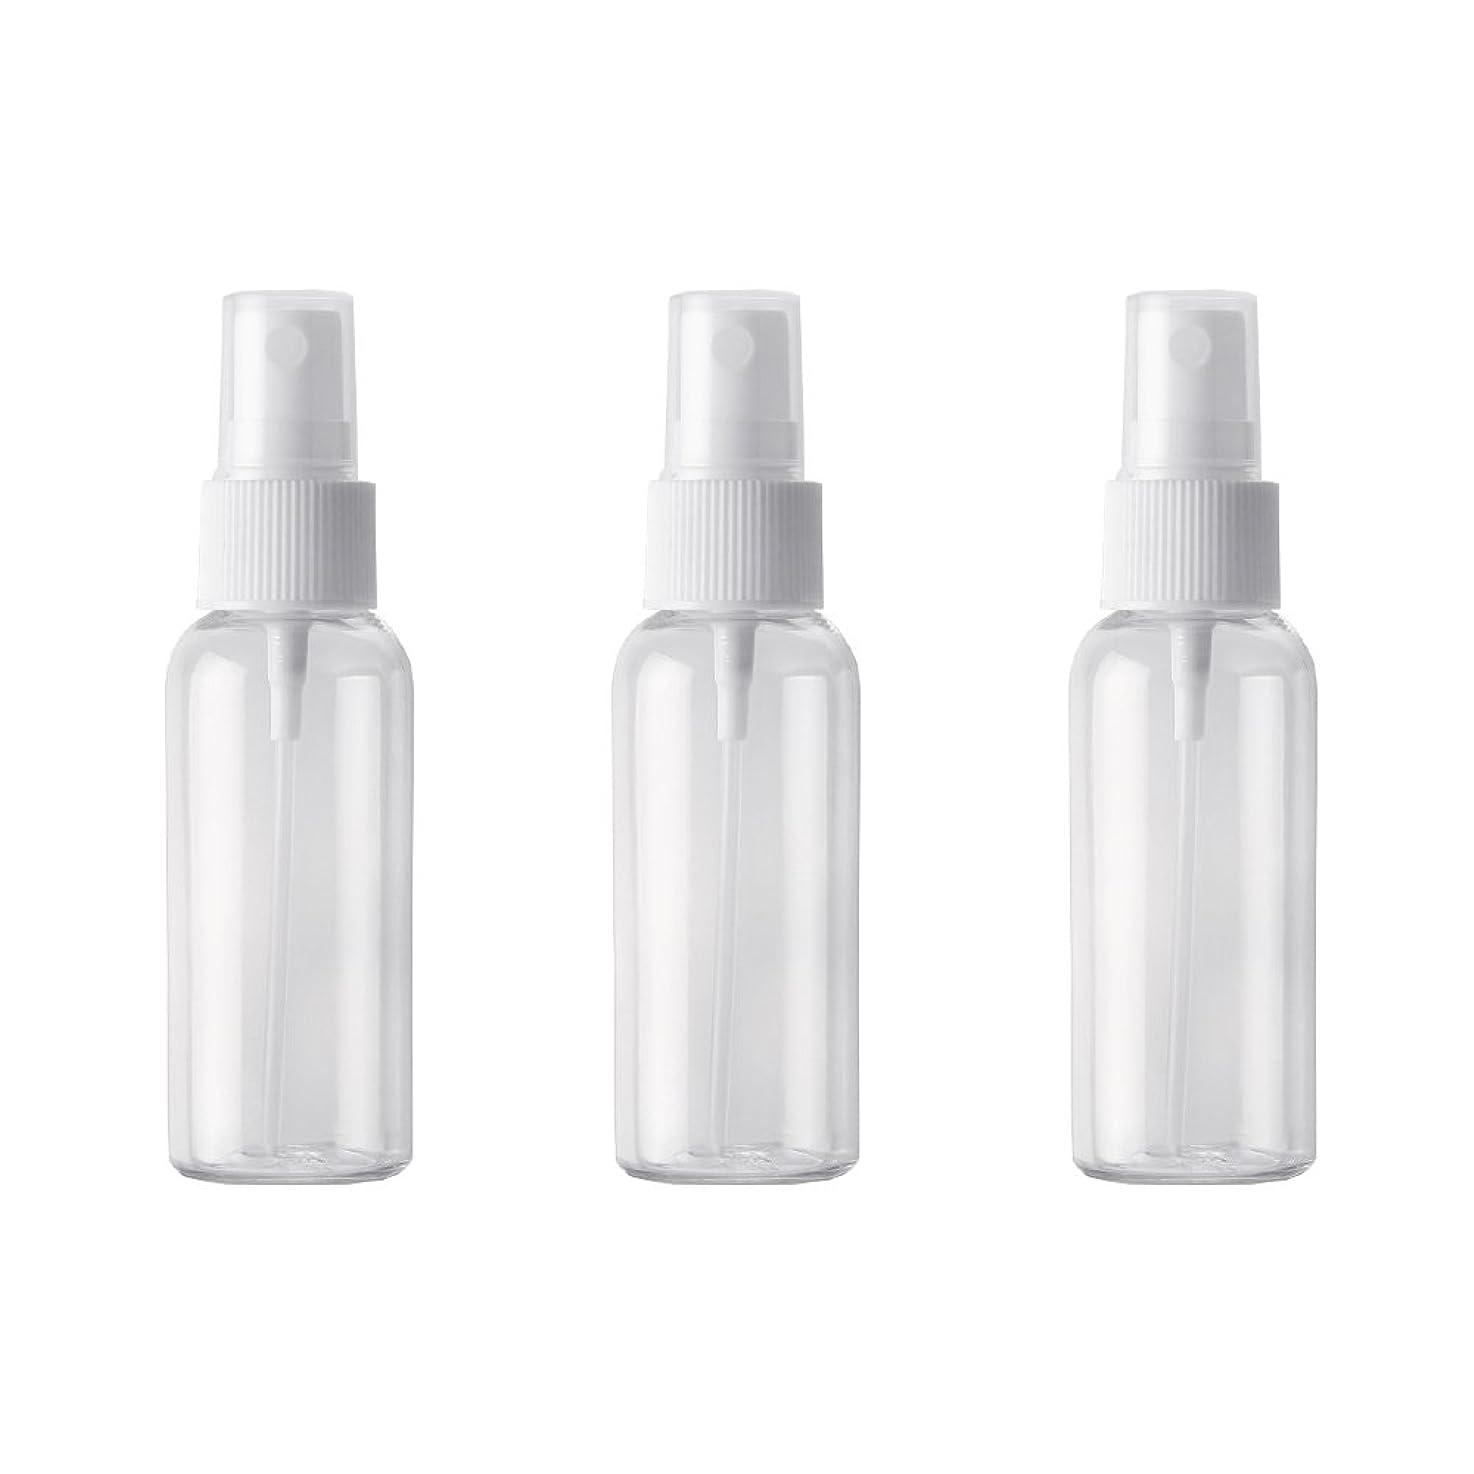 一過性たまにマントルPET小分けボトル トラベルボトル スプレーボトル 3本セット 霧吹き 小分け容器 化粧水 精製水 詰替ボトル 旅行用(50ml )